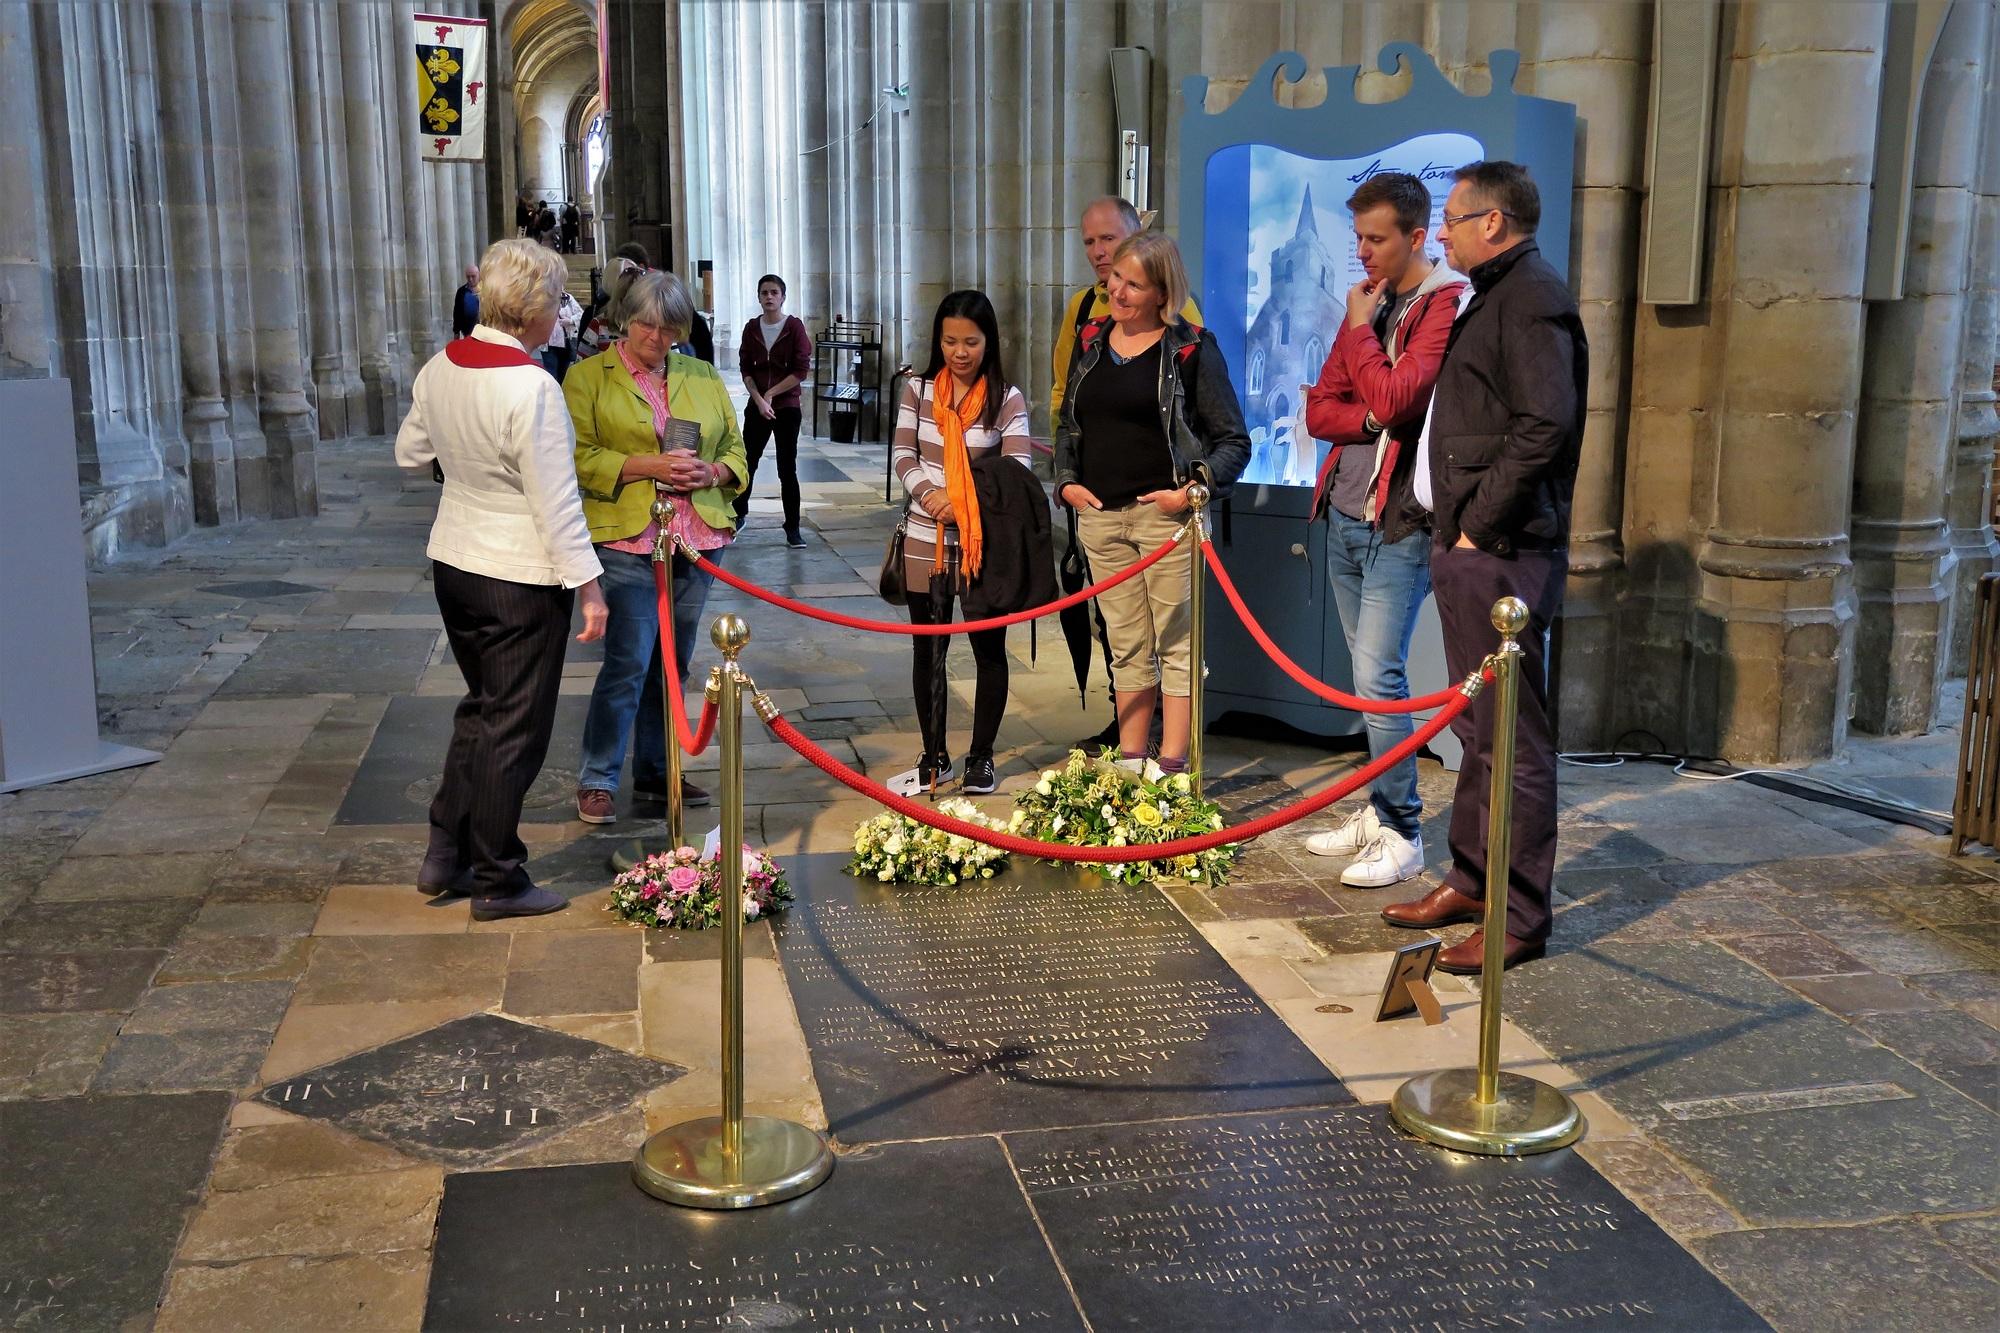 WINCHESTER, la Cathédrale : La tombe de Jane Austin. La dalle date de 1872 et remplace celle de 1817 où ne figurait pas la mention de sa qualité d'écrivain. A l'époque, une Lady n'avait pas à s'adonner à l'écriture .